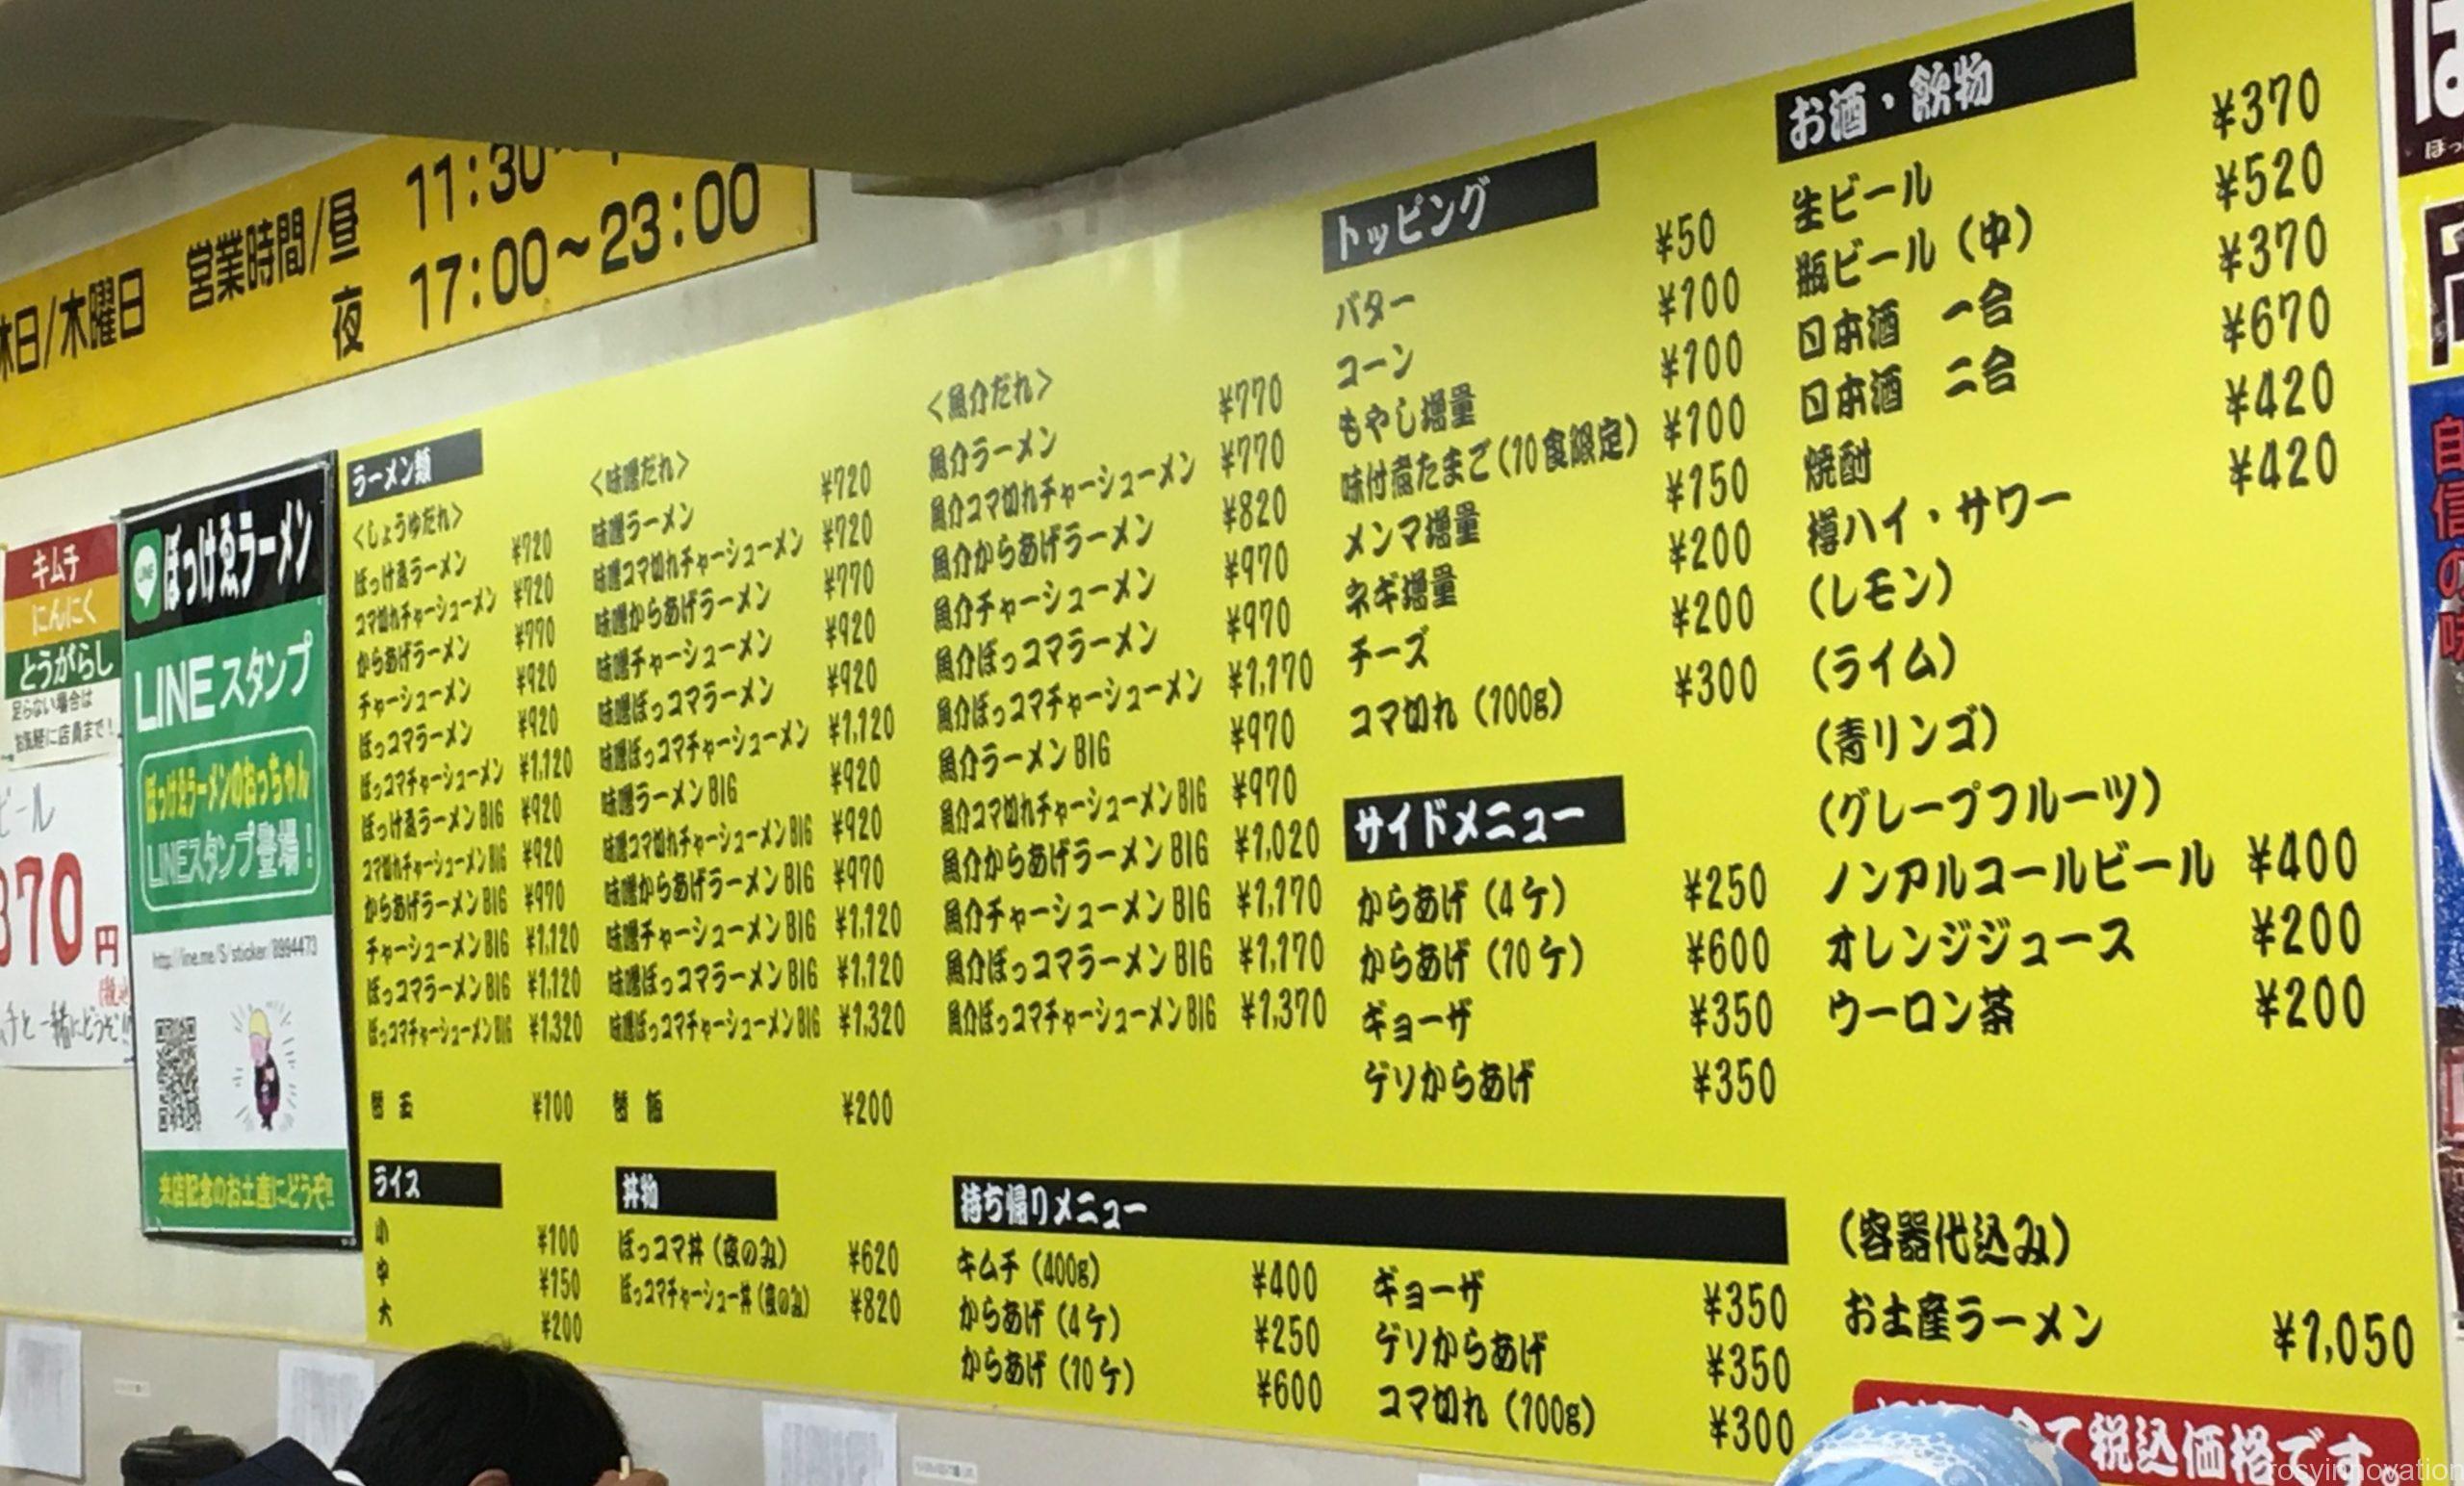 ぼっけぇラーメン2021年4月 (1)メニュー